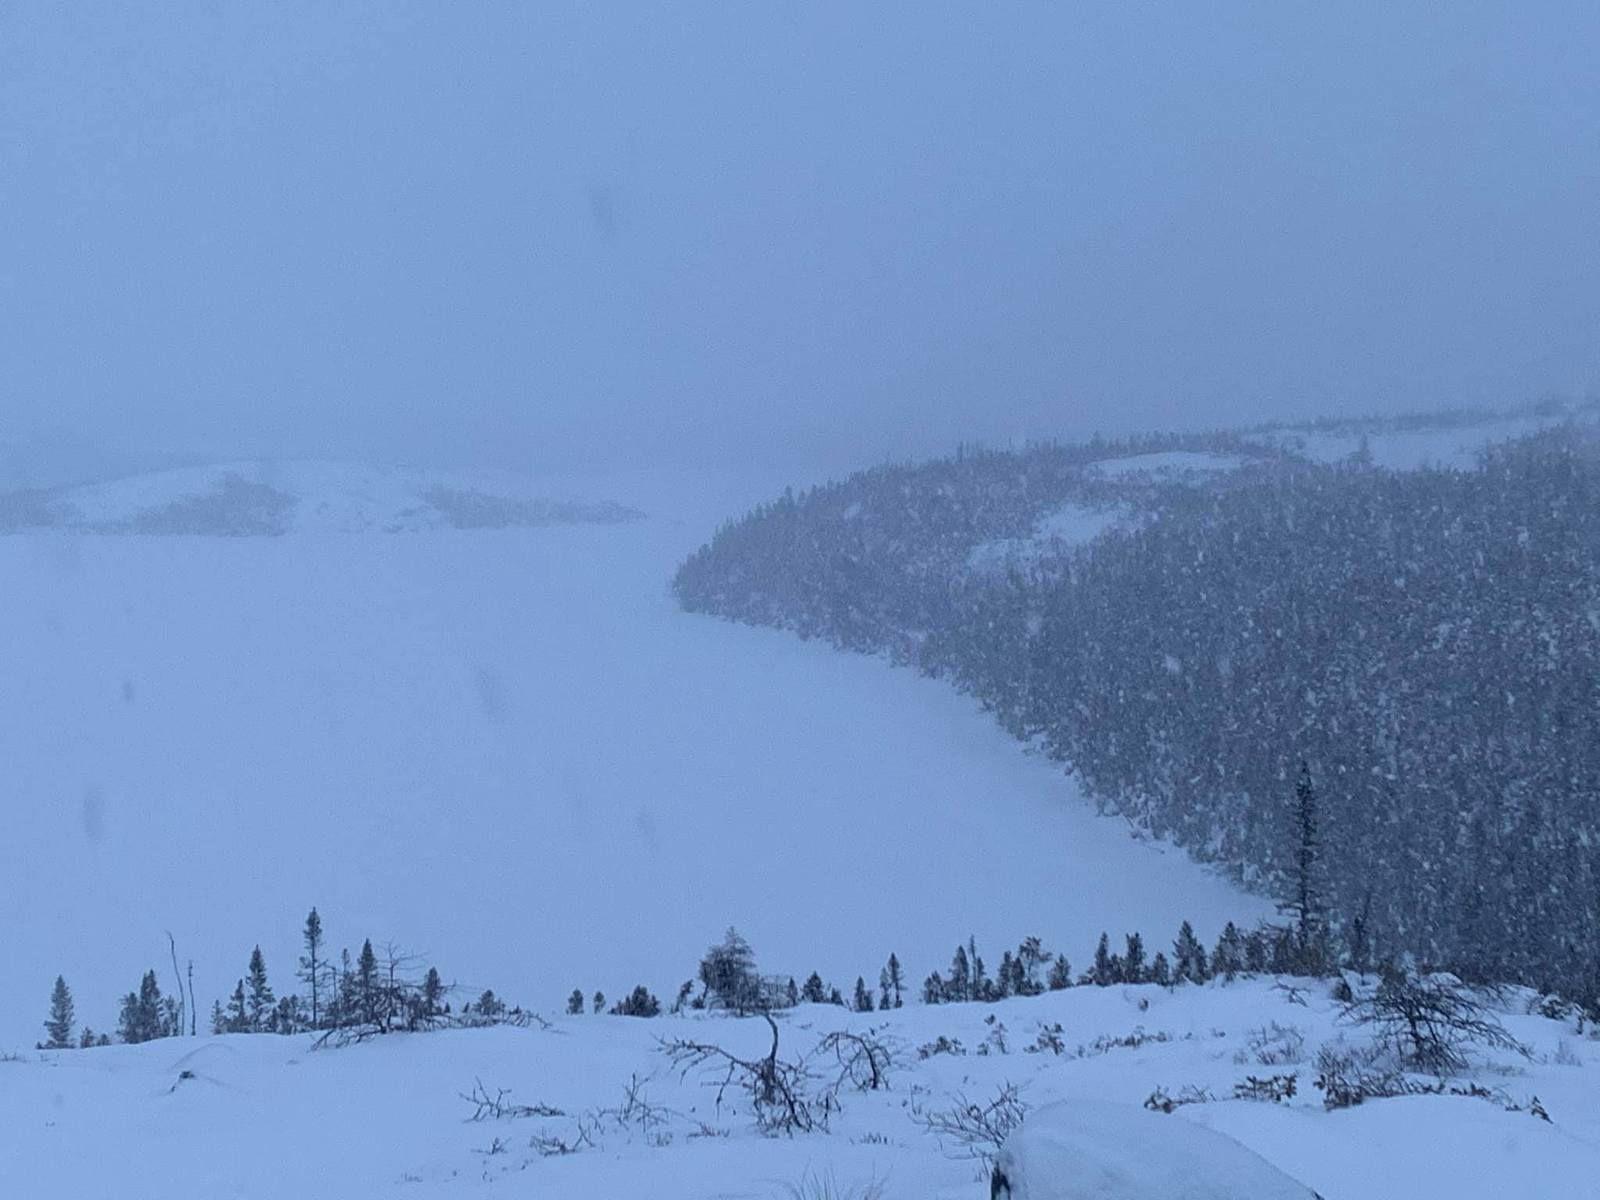 L'hiver est revenu sur la Basse Côte-Nord du Québec...